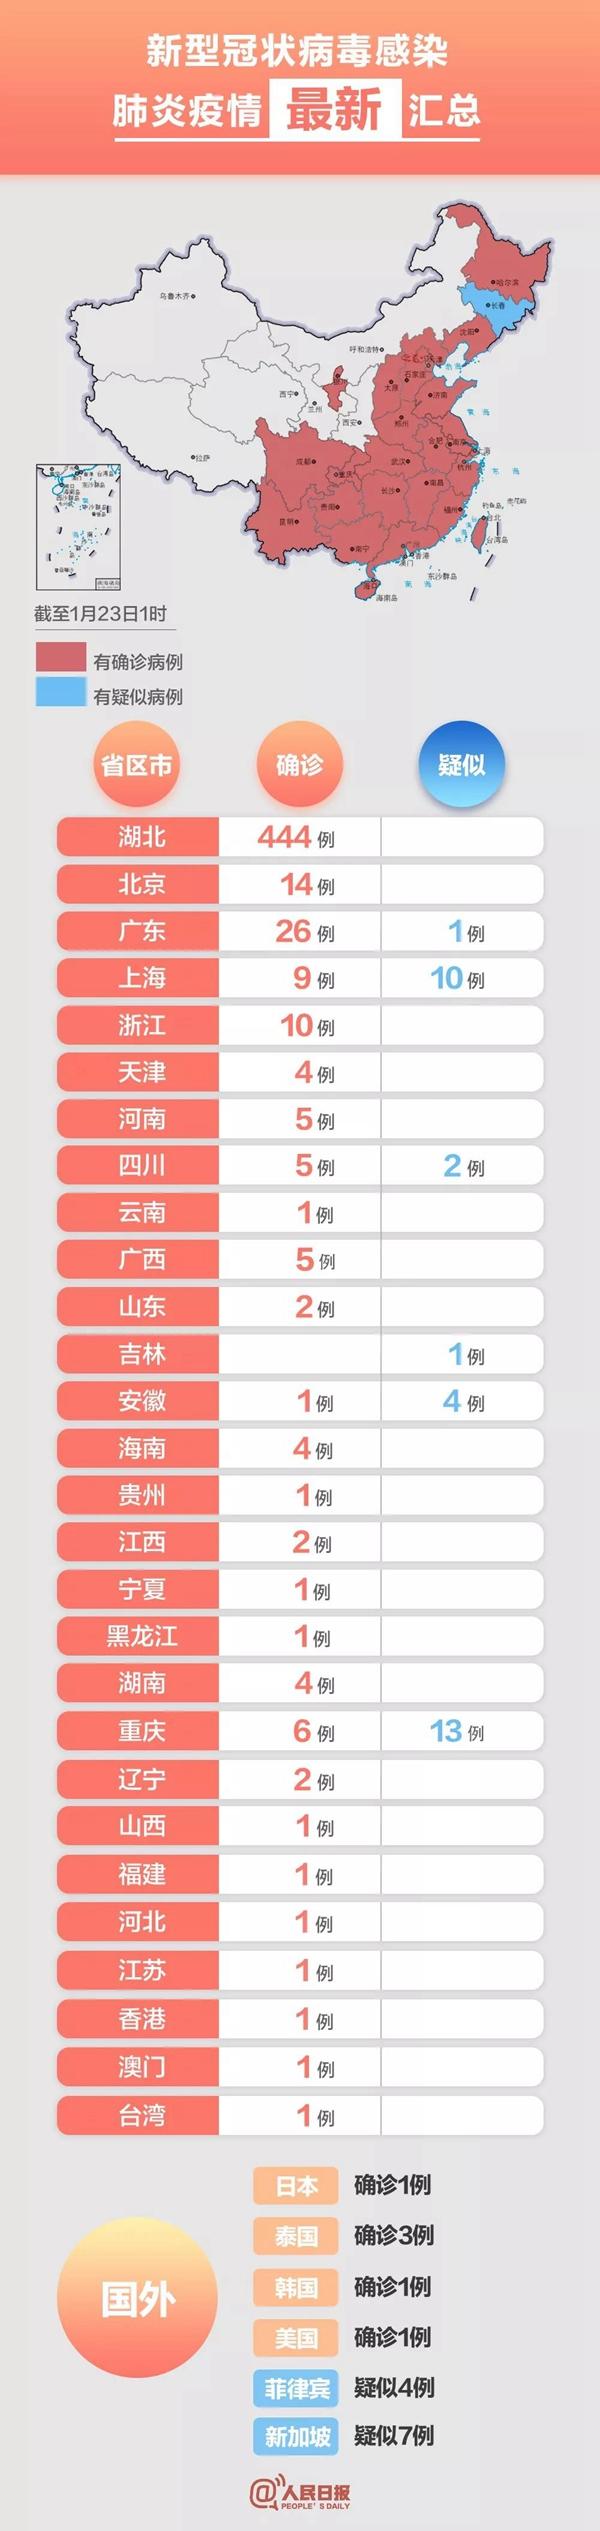 确诊554例!今日10时起,武汉机场火车站离汉通道关闭!全市公交地铁等停运!